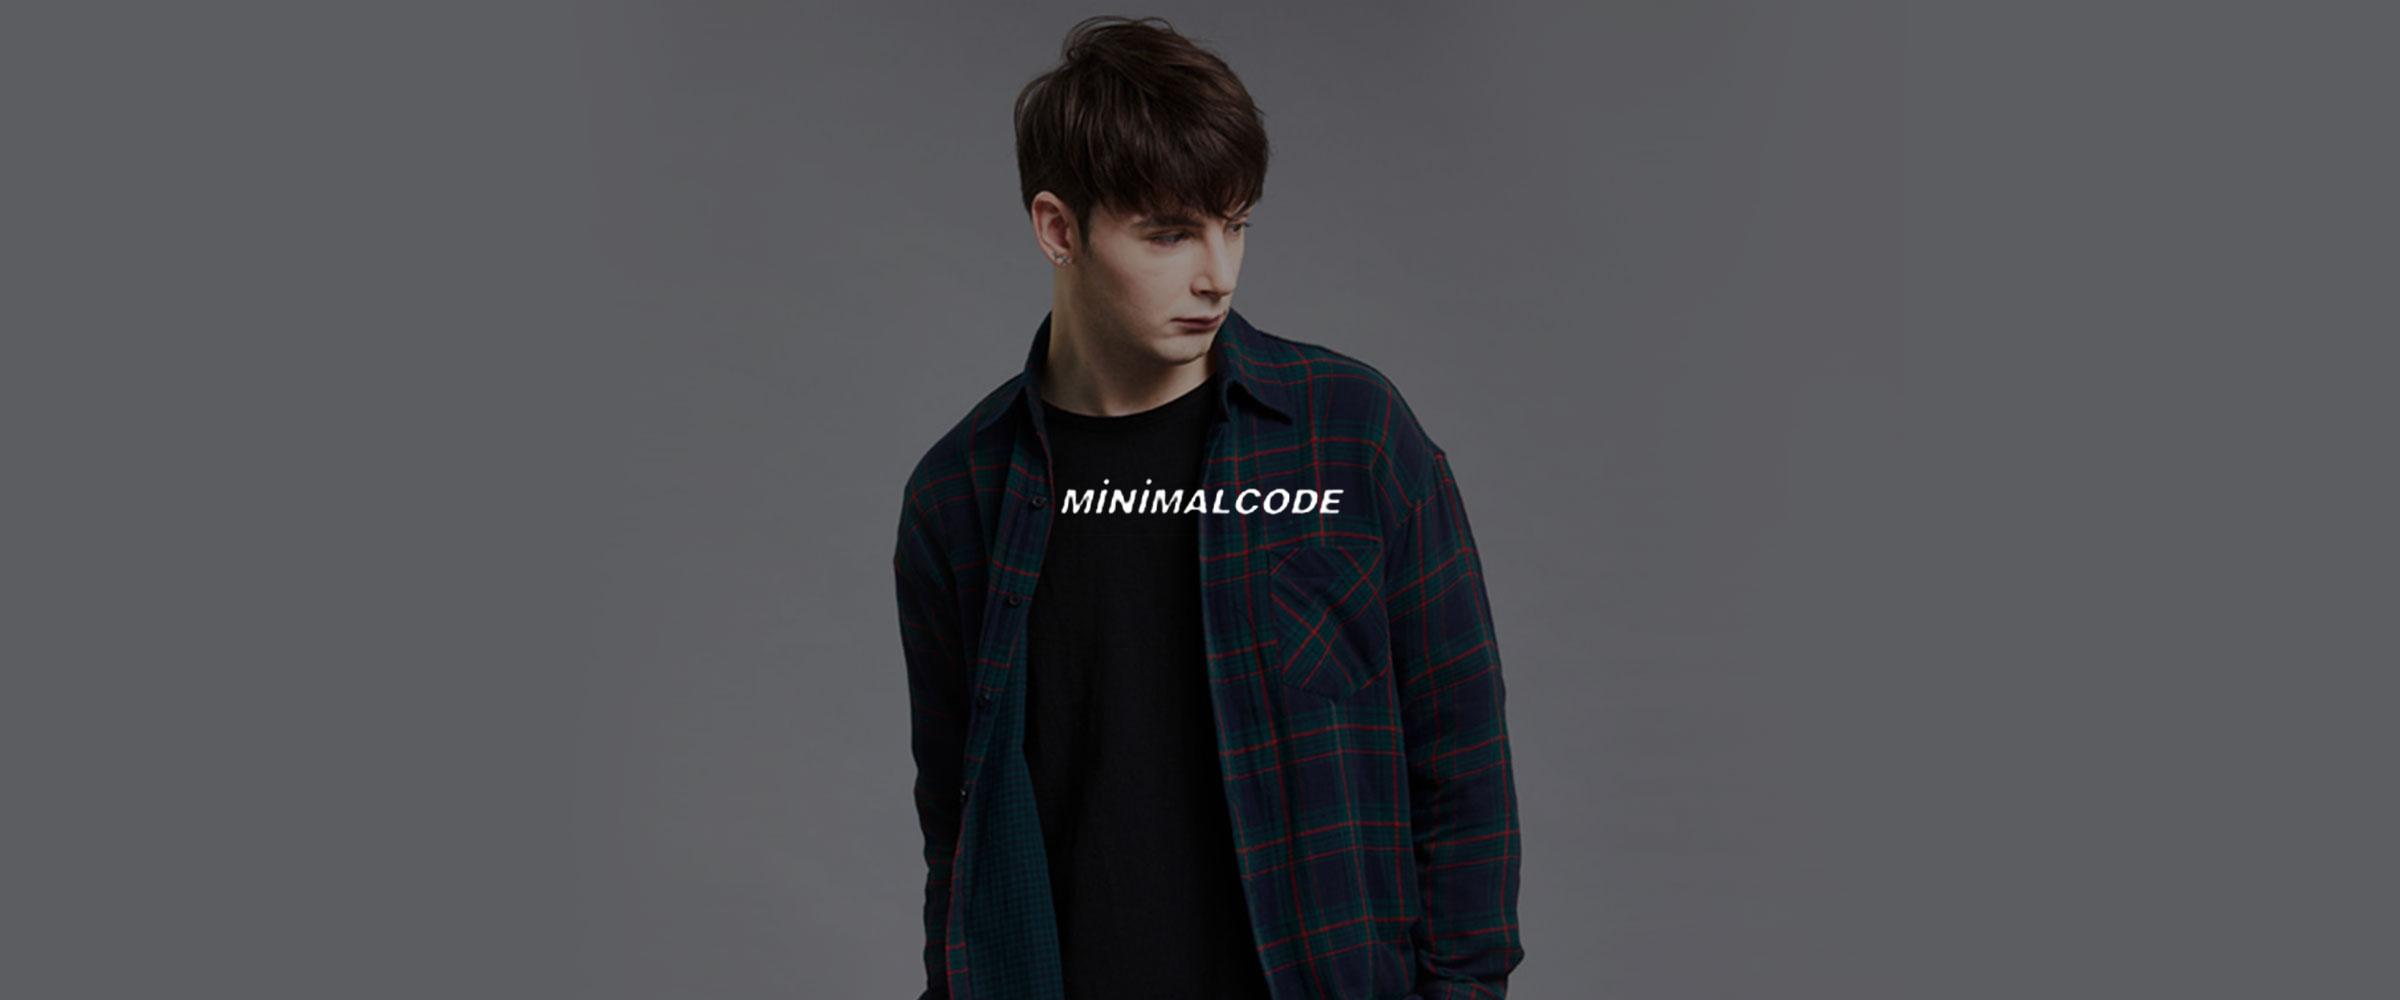 minimalcode.jpg